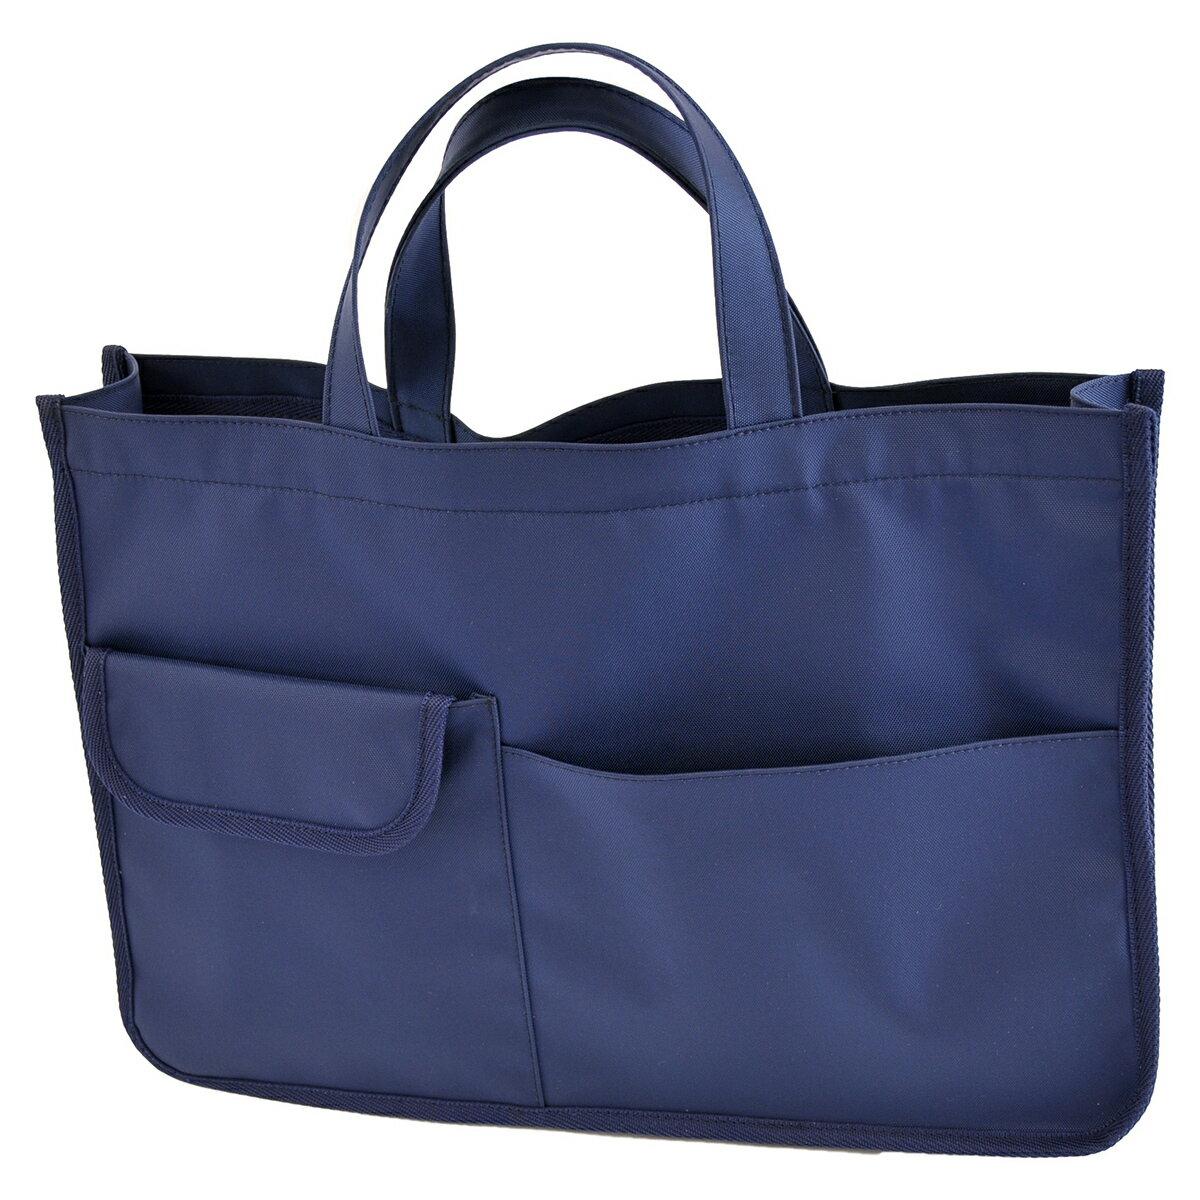 紺色ナイロン製レッスンバッグ【お受験バッグのエレガンテ・ポポ】【あす楽対応商品】【送料無料】